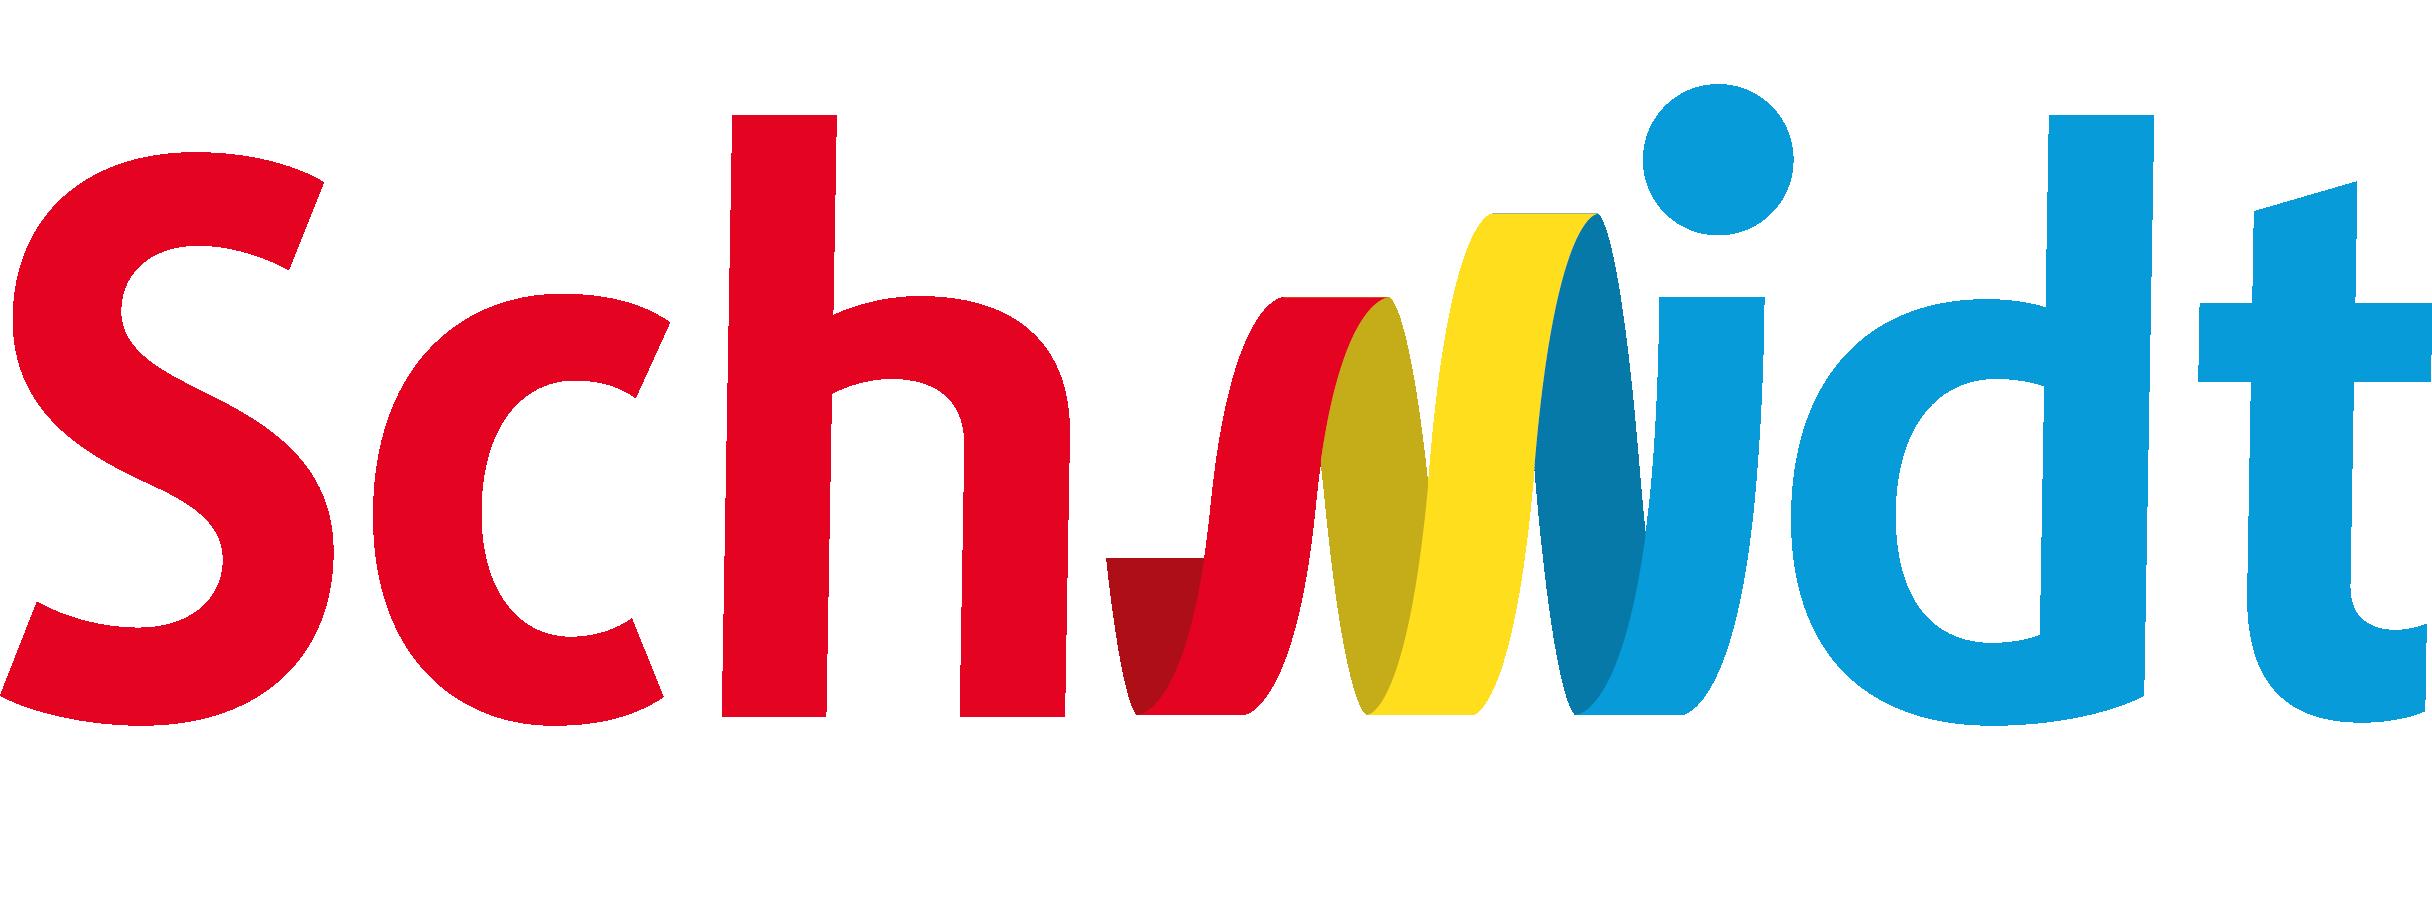 Schmidt Wärmepumpen und Kälteanlaganbau GmbH